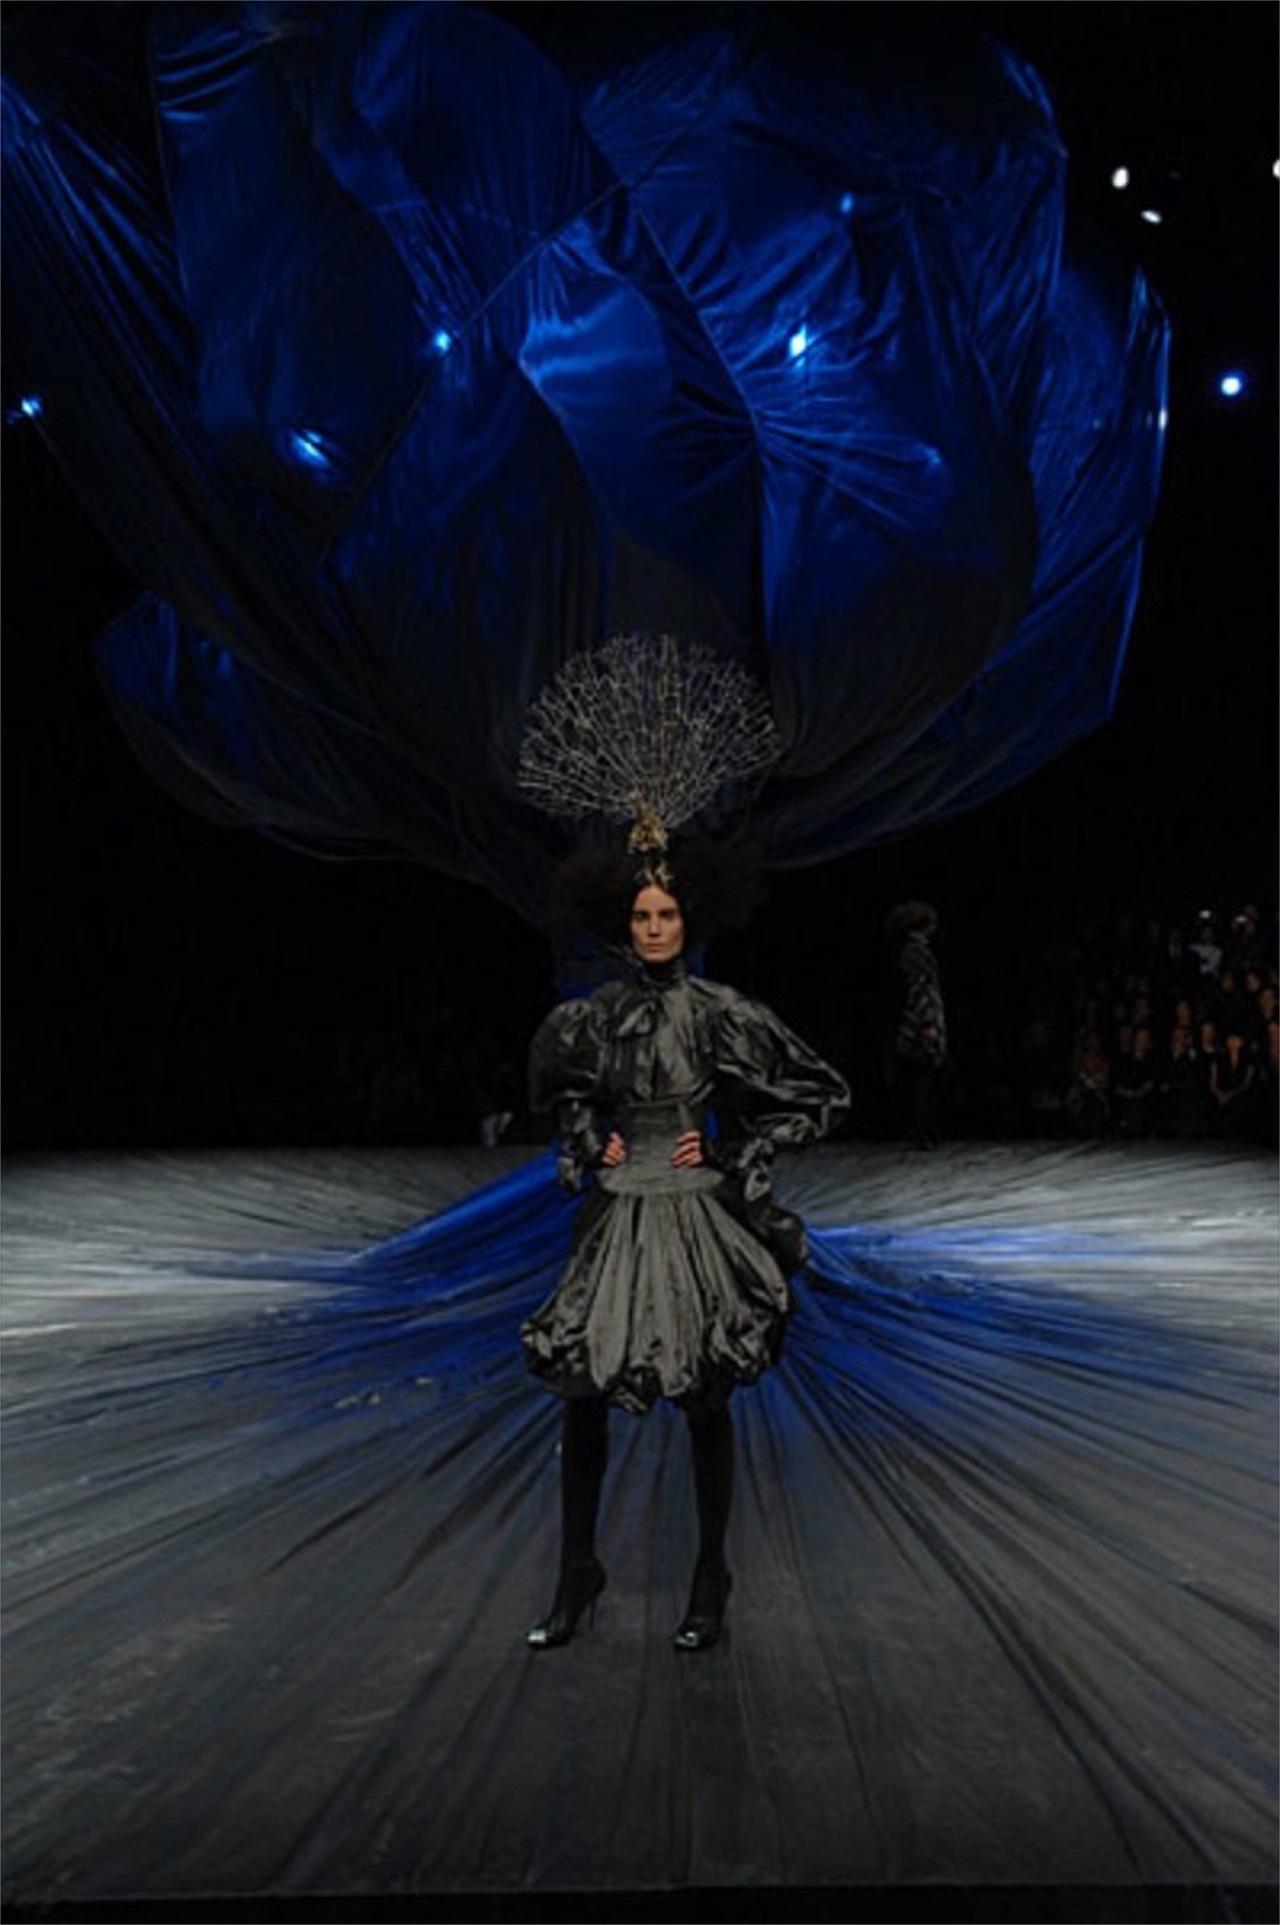 Fashion Designer Alexander